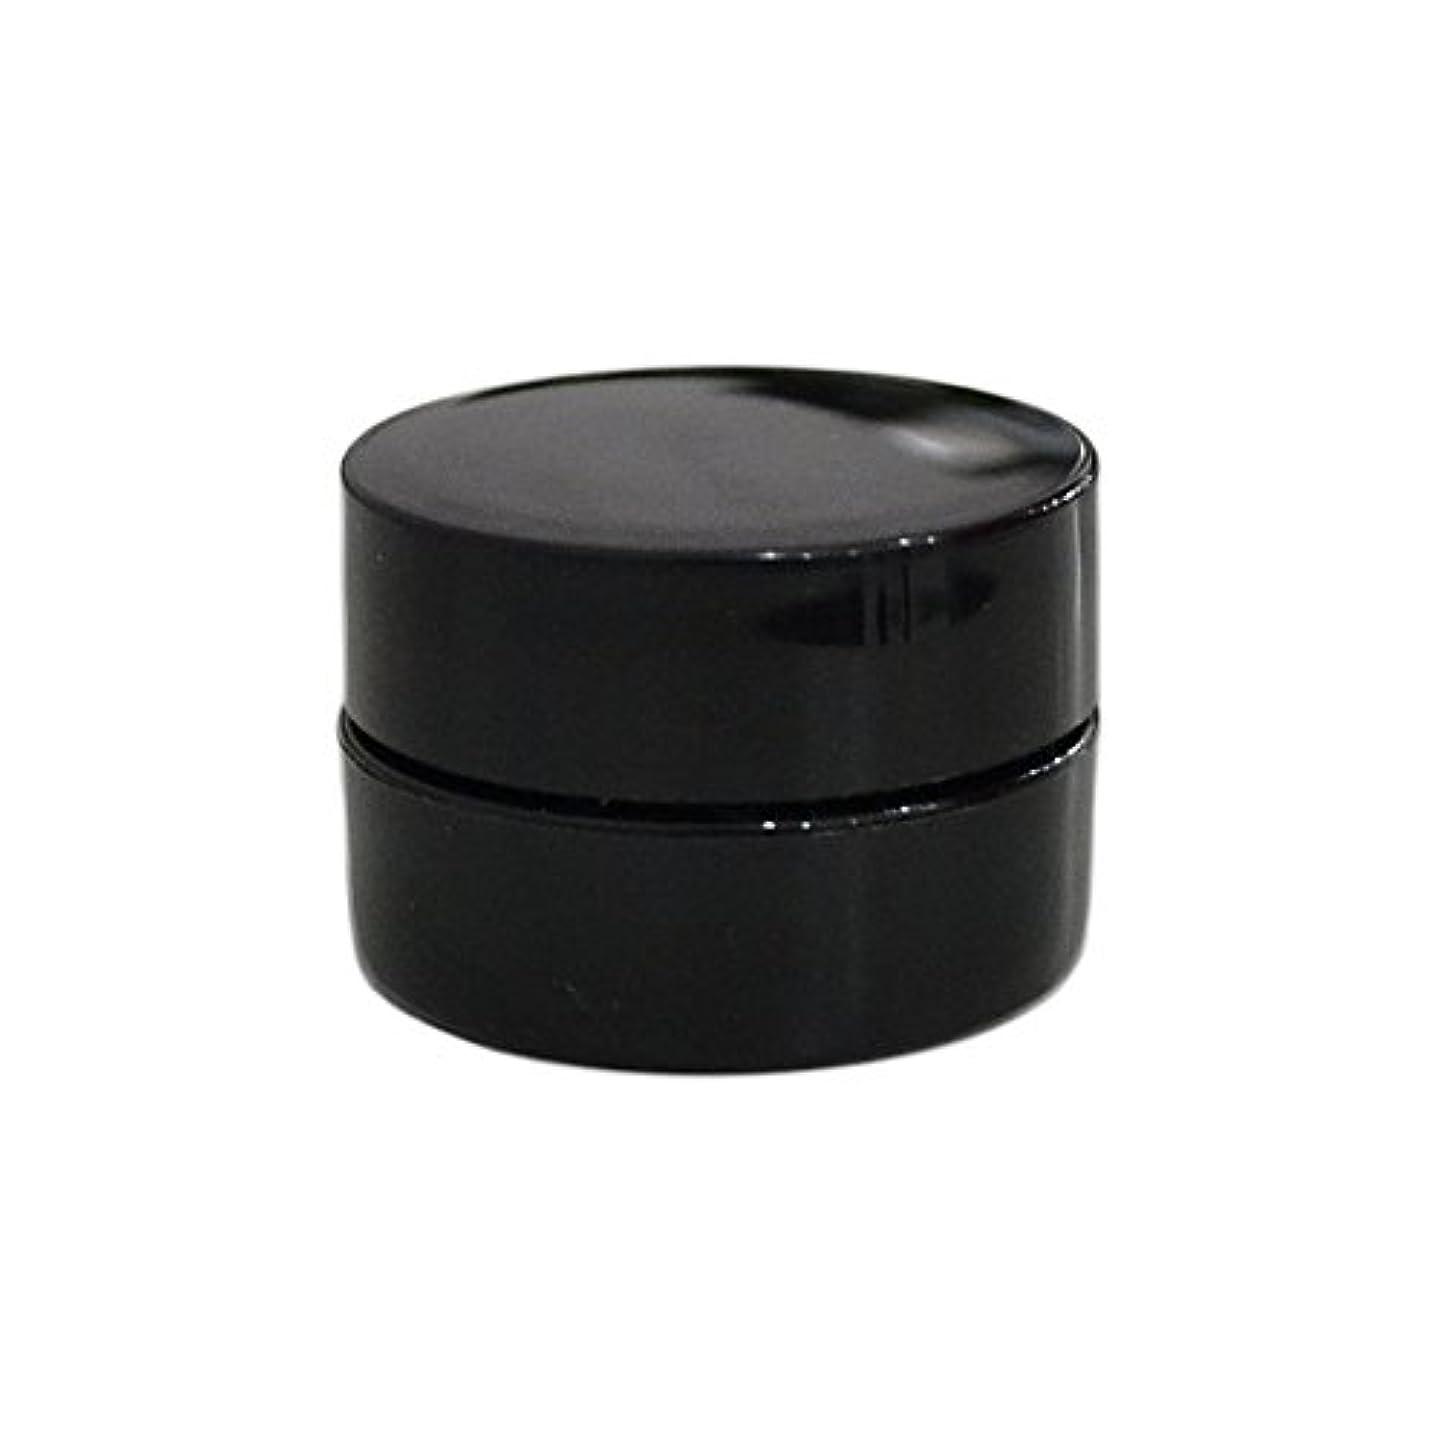 最少複数曲線純国産ネイルジェルコンテナ 3g用 GA3g 漏れ防止パッキン&ブラシプレート付容器 ジェルを無駄なく使える底面傾斜あり 遮光 黒 ブラック